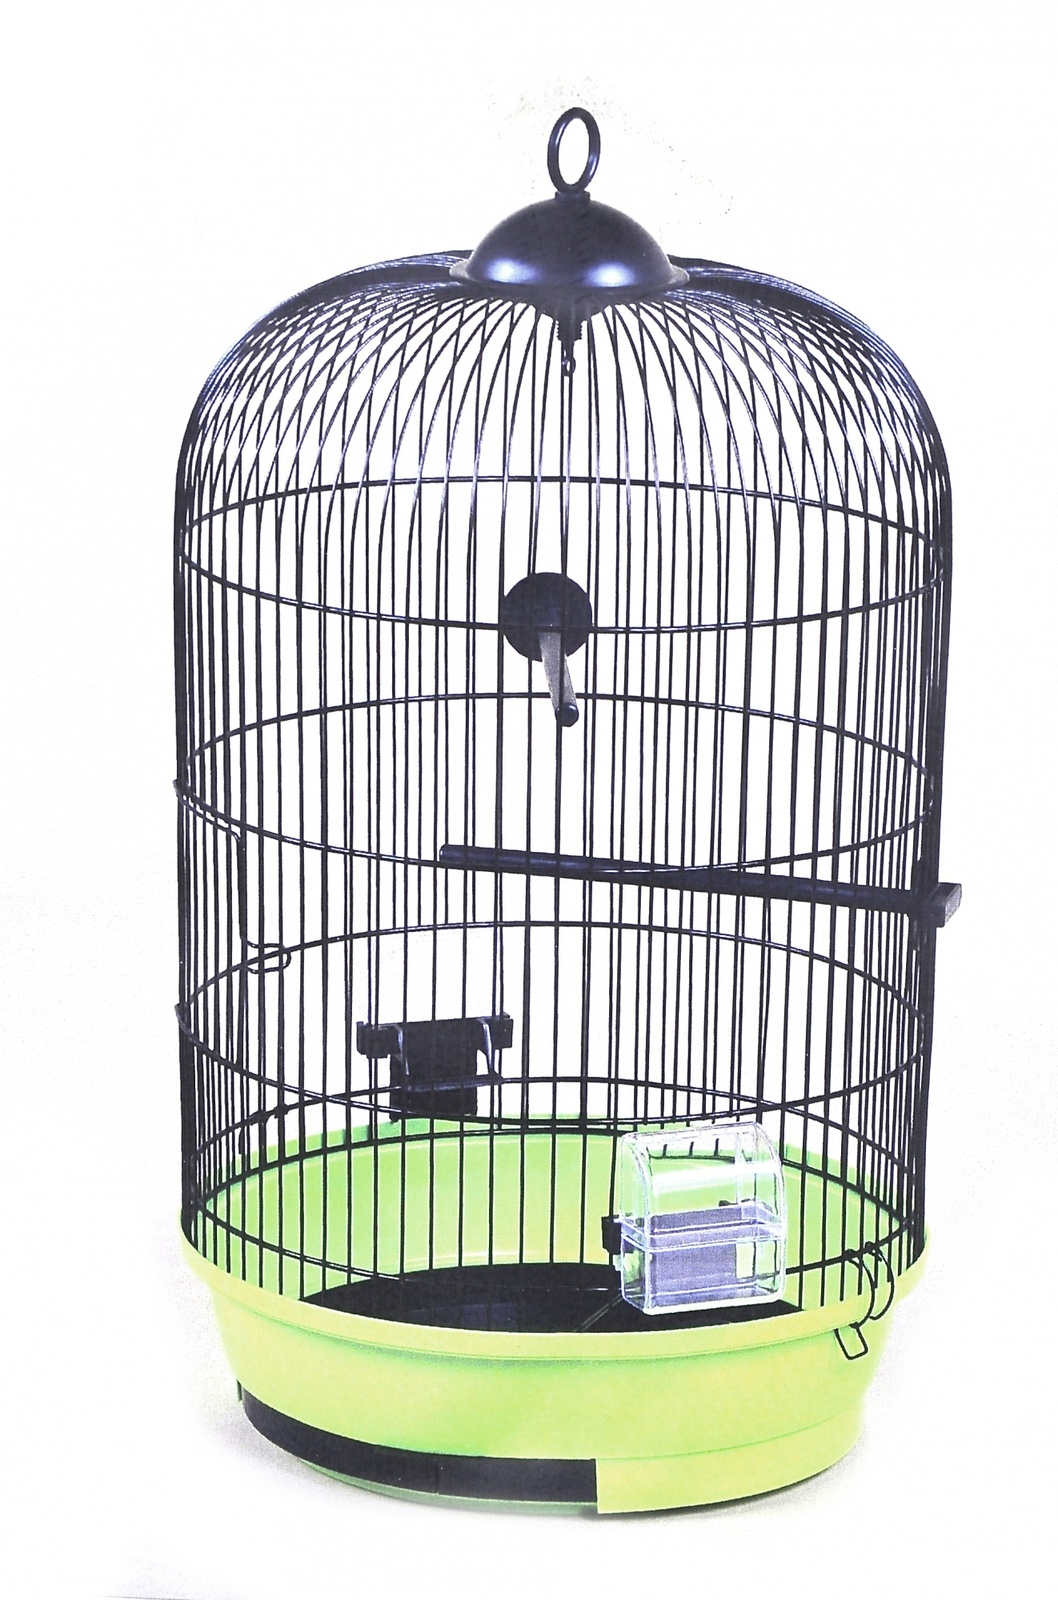 benelux Benelux Клетка для птиц Северина diam. 34 * 63 см (Birdcage severine) 15228 50826